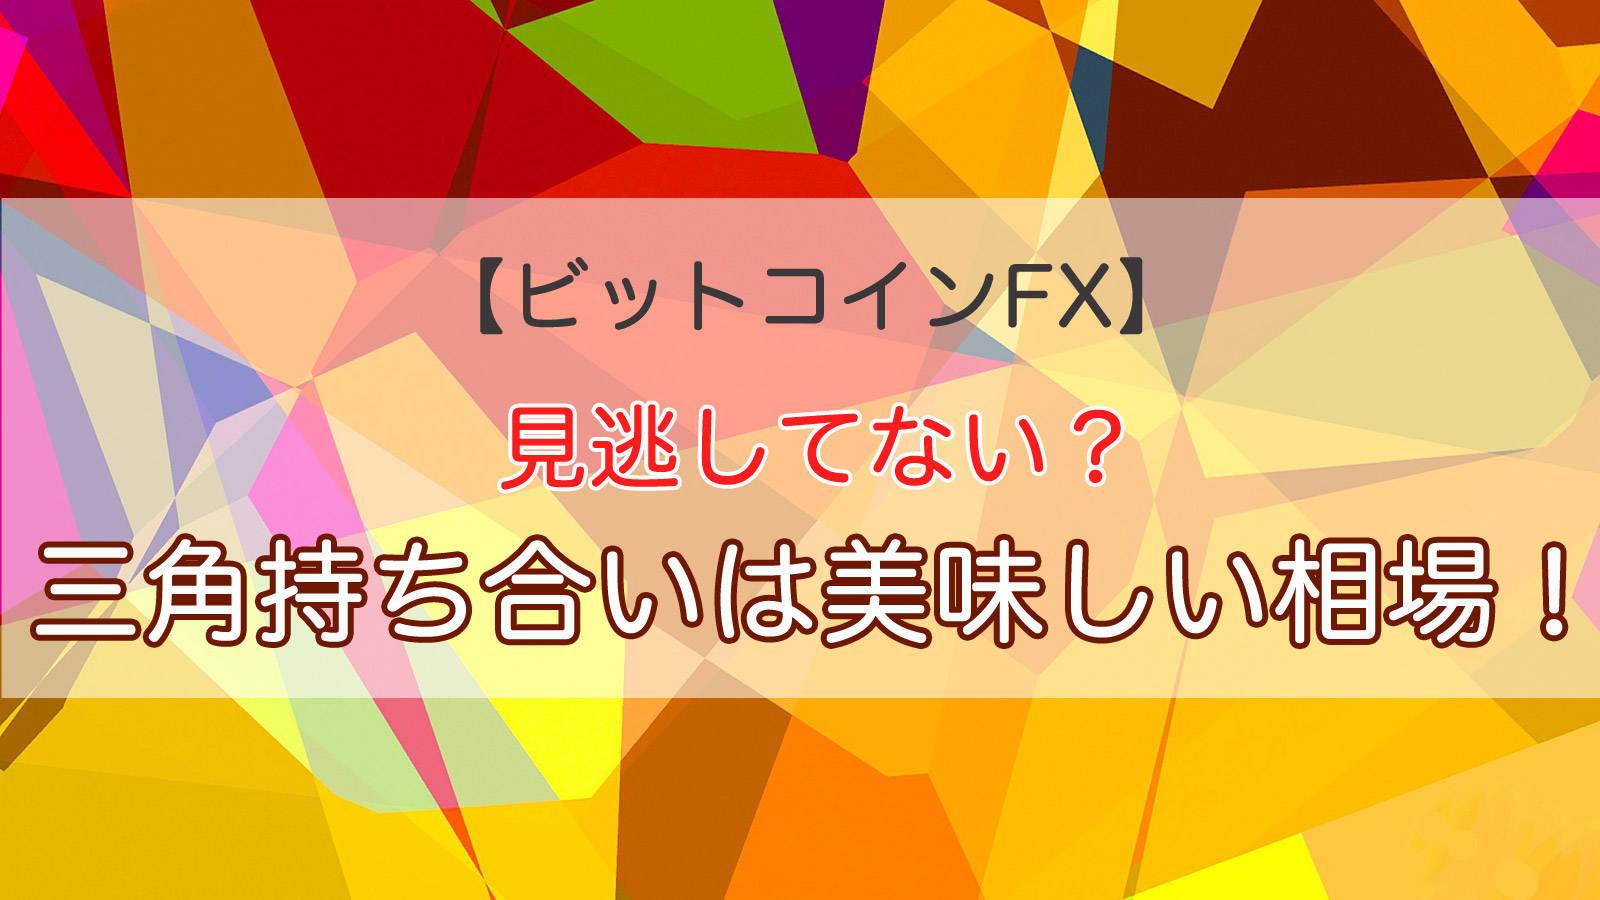 【ビットコインFX】見逃してない?三角持ち合いは美味しい相場!